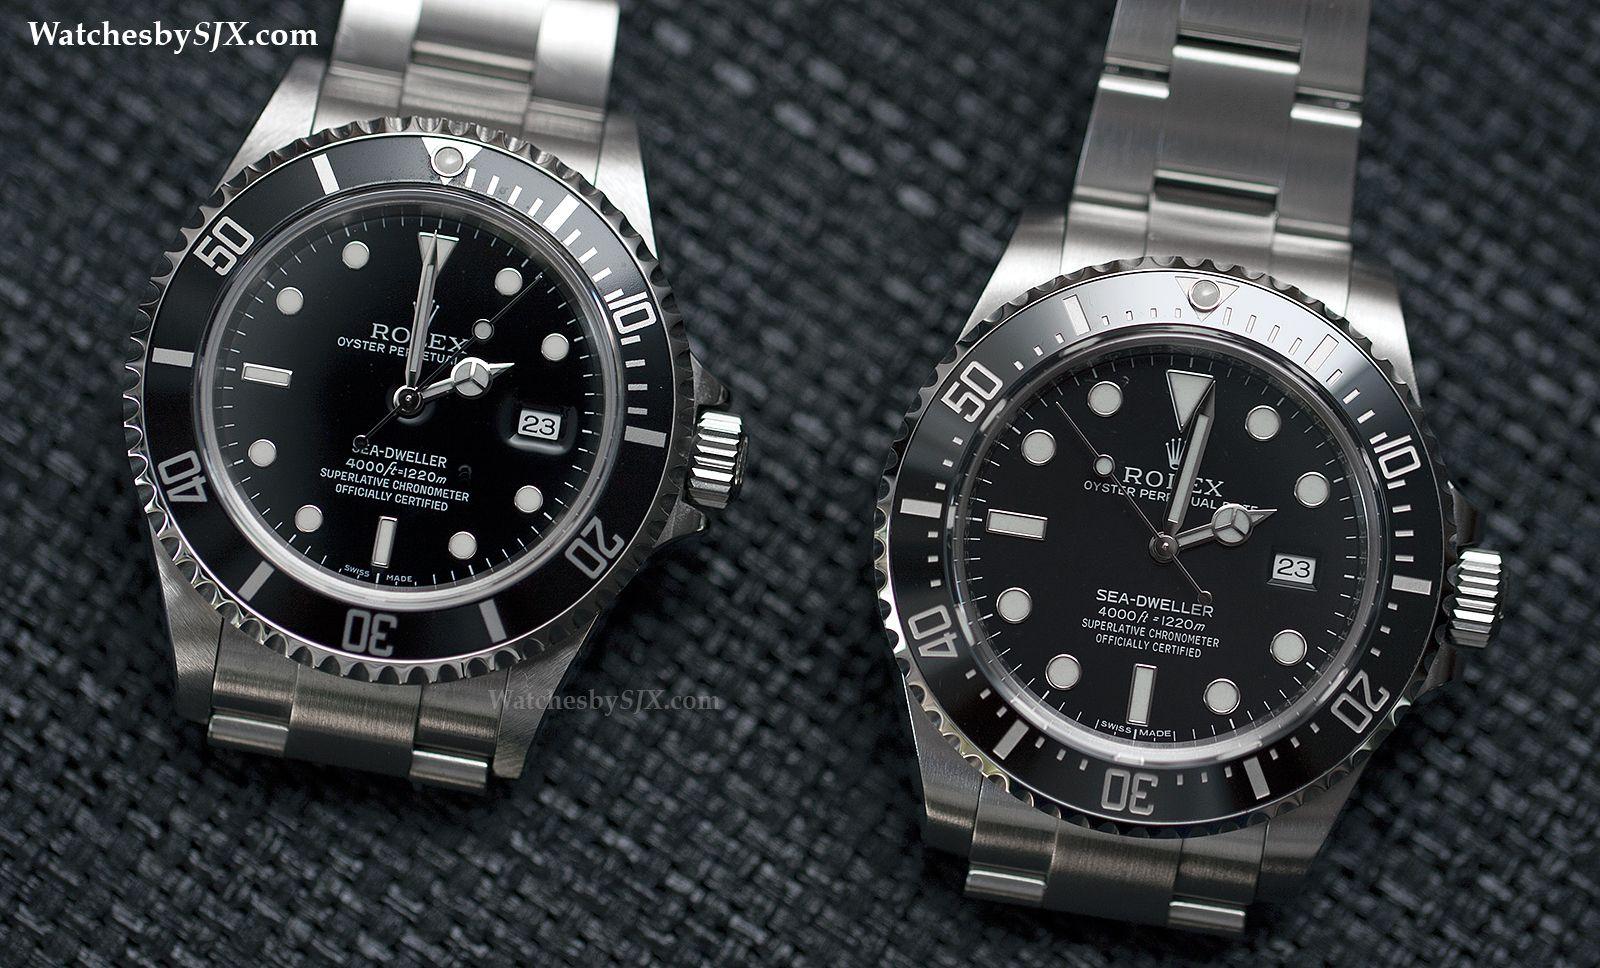 Watches by SJX: COMPARISON: Rolex Sea-Dweller 4000 Refs ...